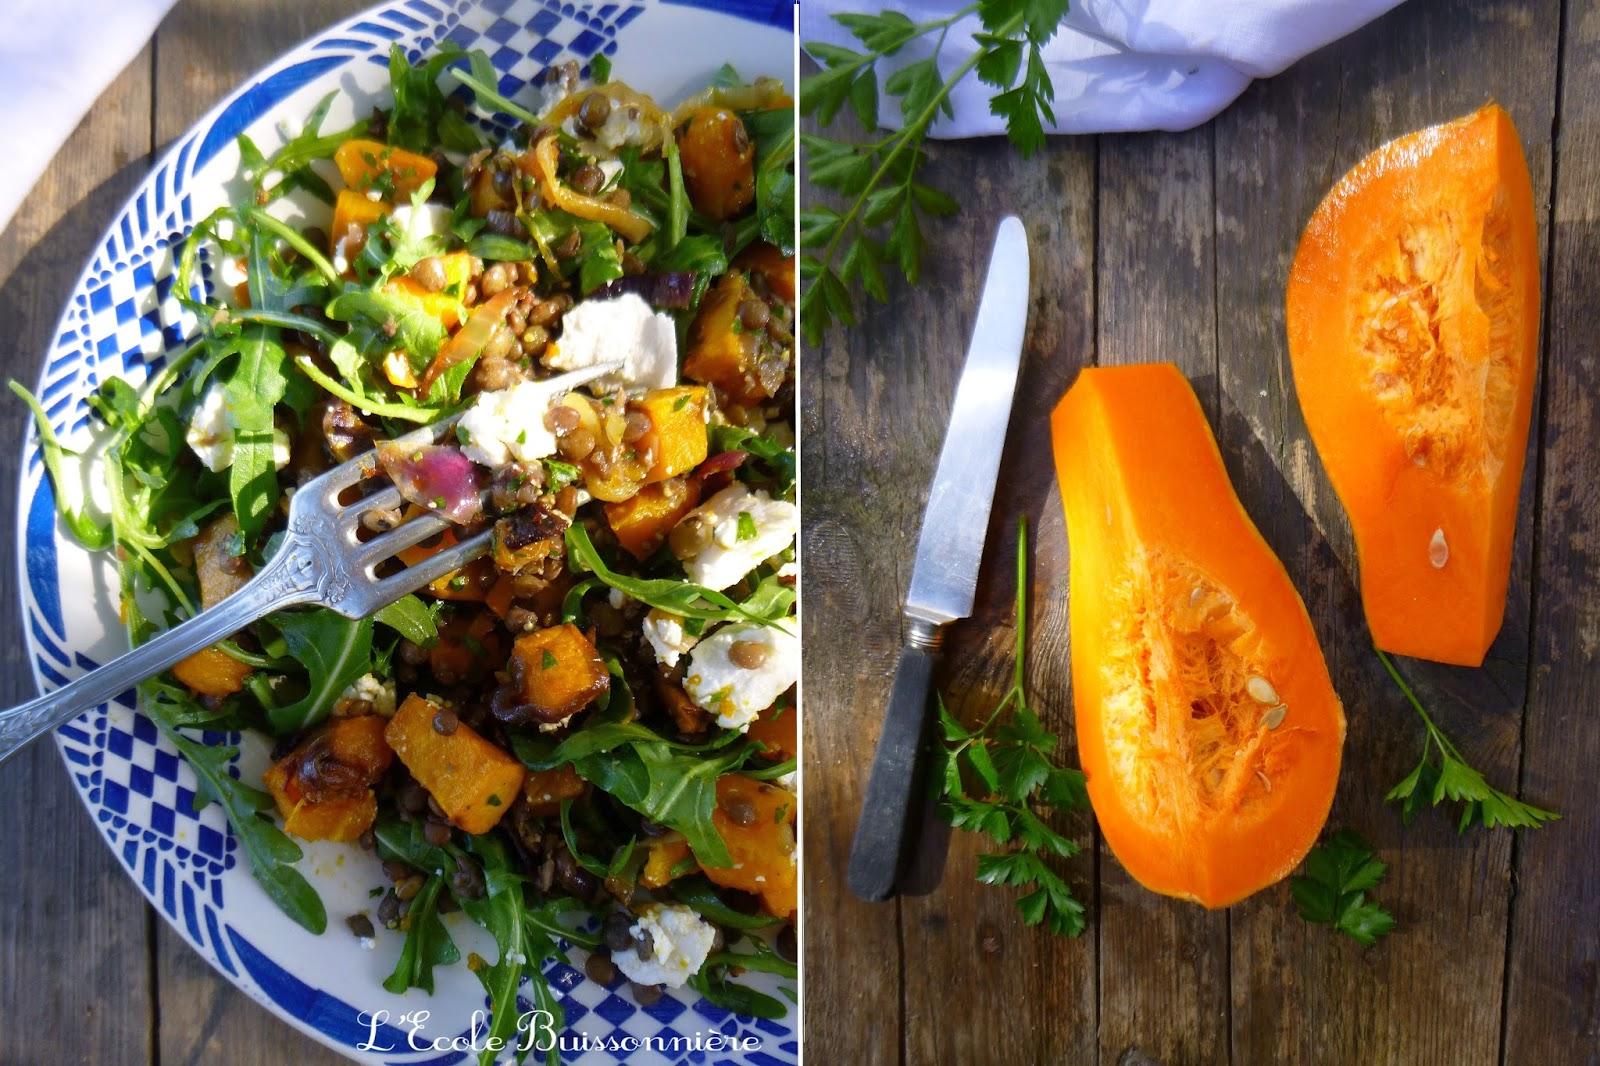 L'Ecole Buissonnière: Salade de lentilles, courge butternut et chèvre frais